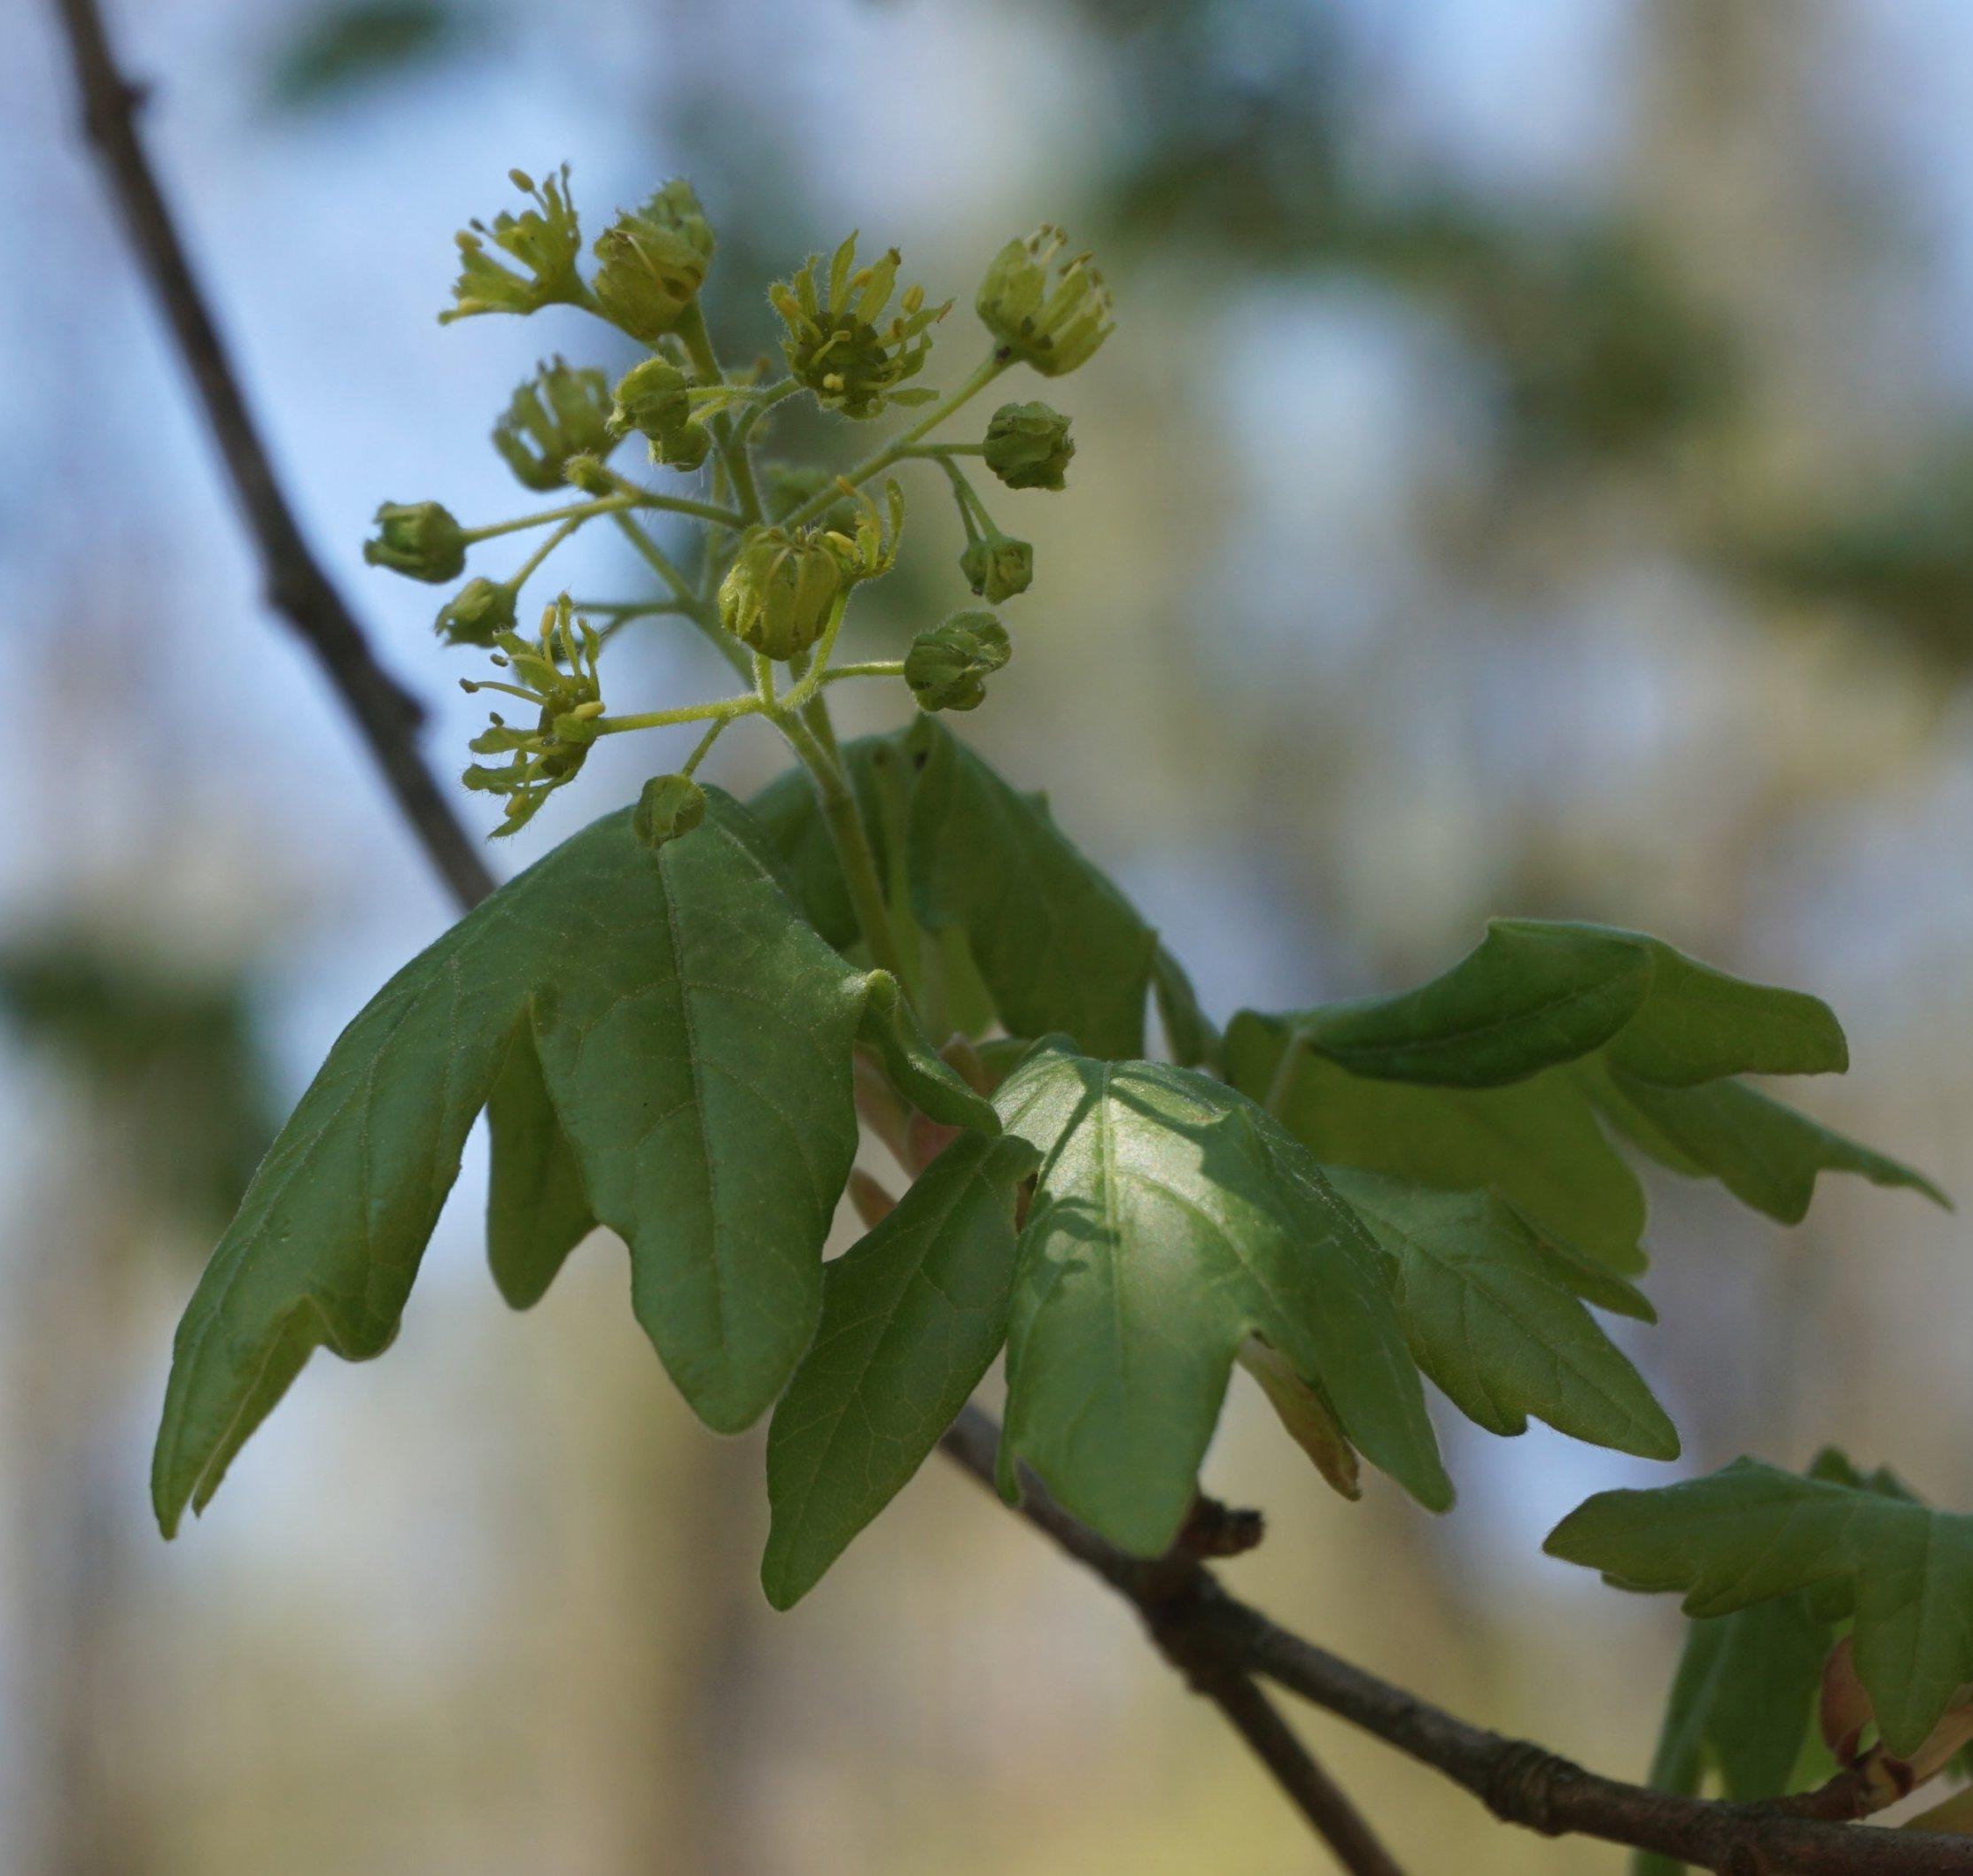 Das Bild zeigt den Blütenstand eines Feld-Ahorns. Die Blütenstände des Feld-Ahorns sind ebenso wie die des Spitz-Ahorns aufwärts gerichtet, wobei dessen Rispen jedoch eine geringere Anzahl von Einzelblüten, maximal sind es 20, aufweisen. Ebenso wie der Berg-Ahorn entwickeln sich die Blütenrispen gemeinsam mit dem Blattaustrieb. Hier an einem Exemplar bei der Ortschaft Müggelheim, Ende April 2020.